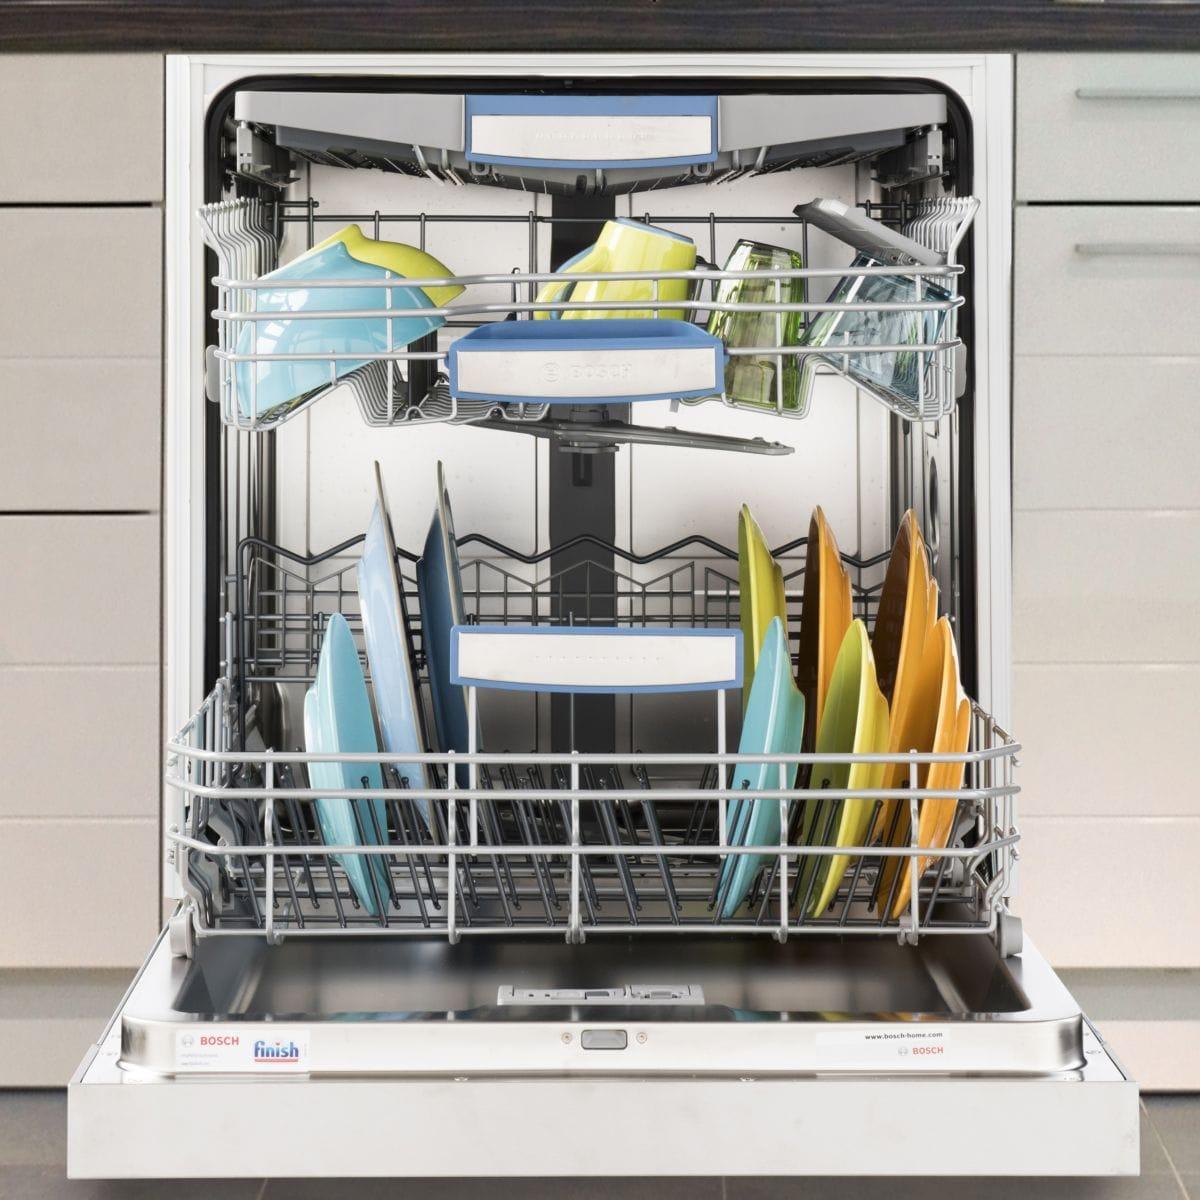 Lave Vaisselle 60 Cm Encastrable With Lave Vaisselle 60 Cm